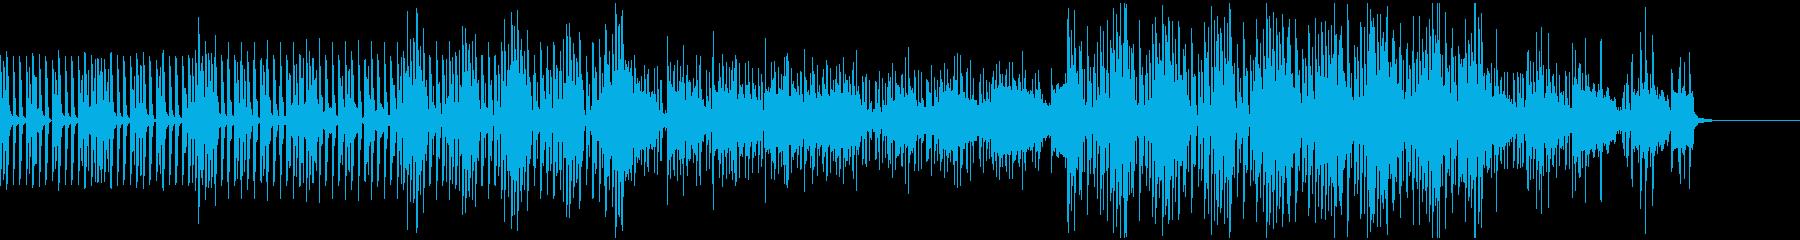 クールな作業系・ハウス・BGMの再生済みの波形